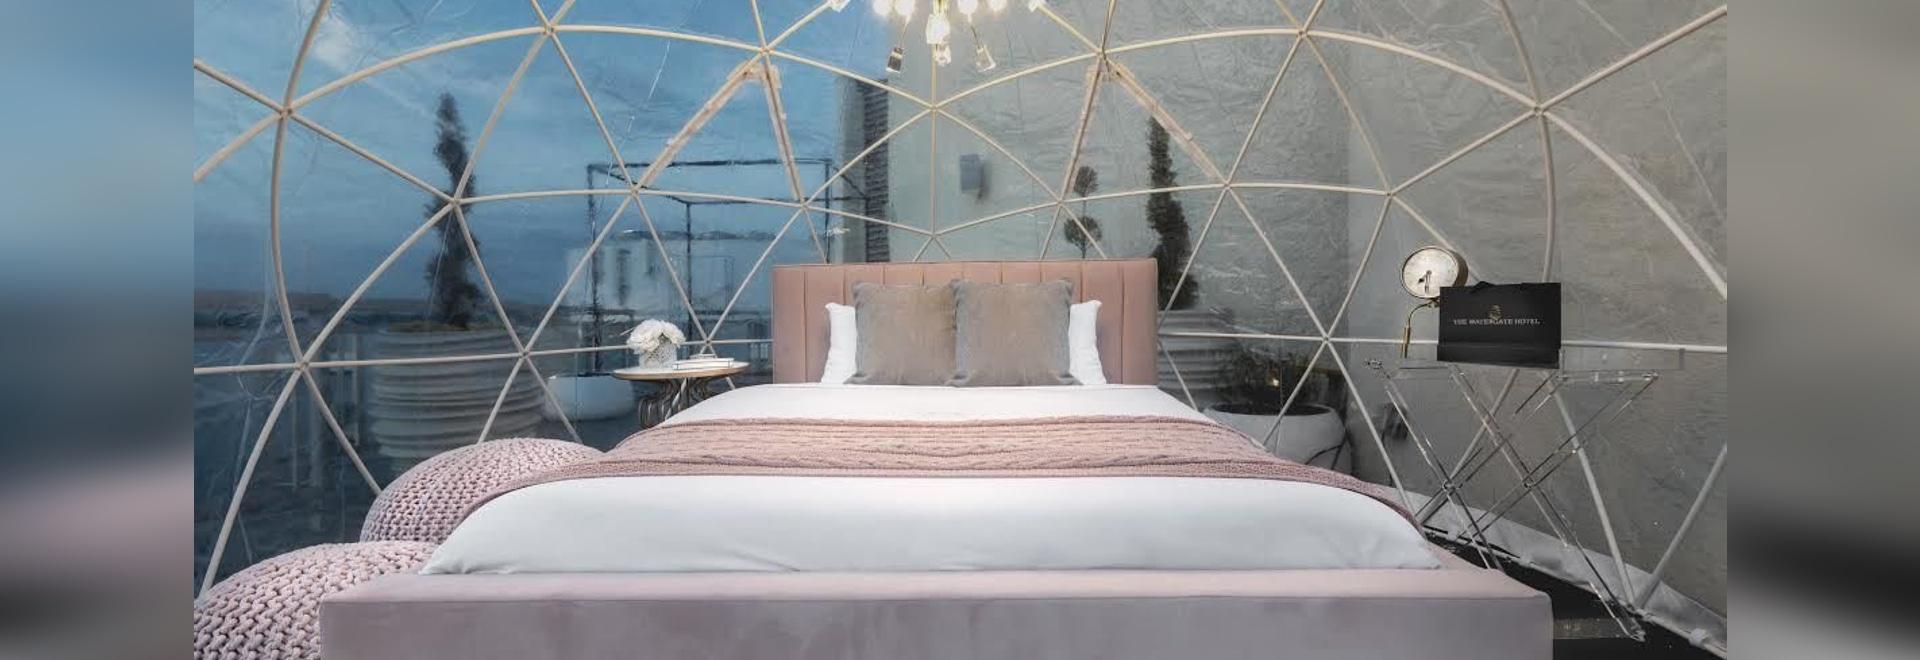 Maintenant, vous pouvez glamper dans un dôme sur le toit de l'hôtel Watergate